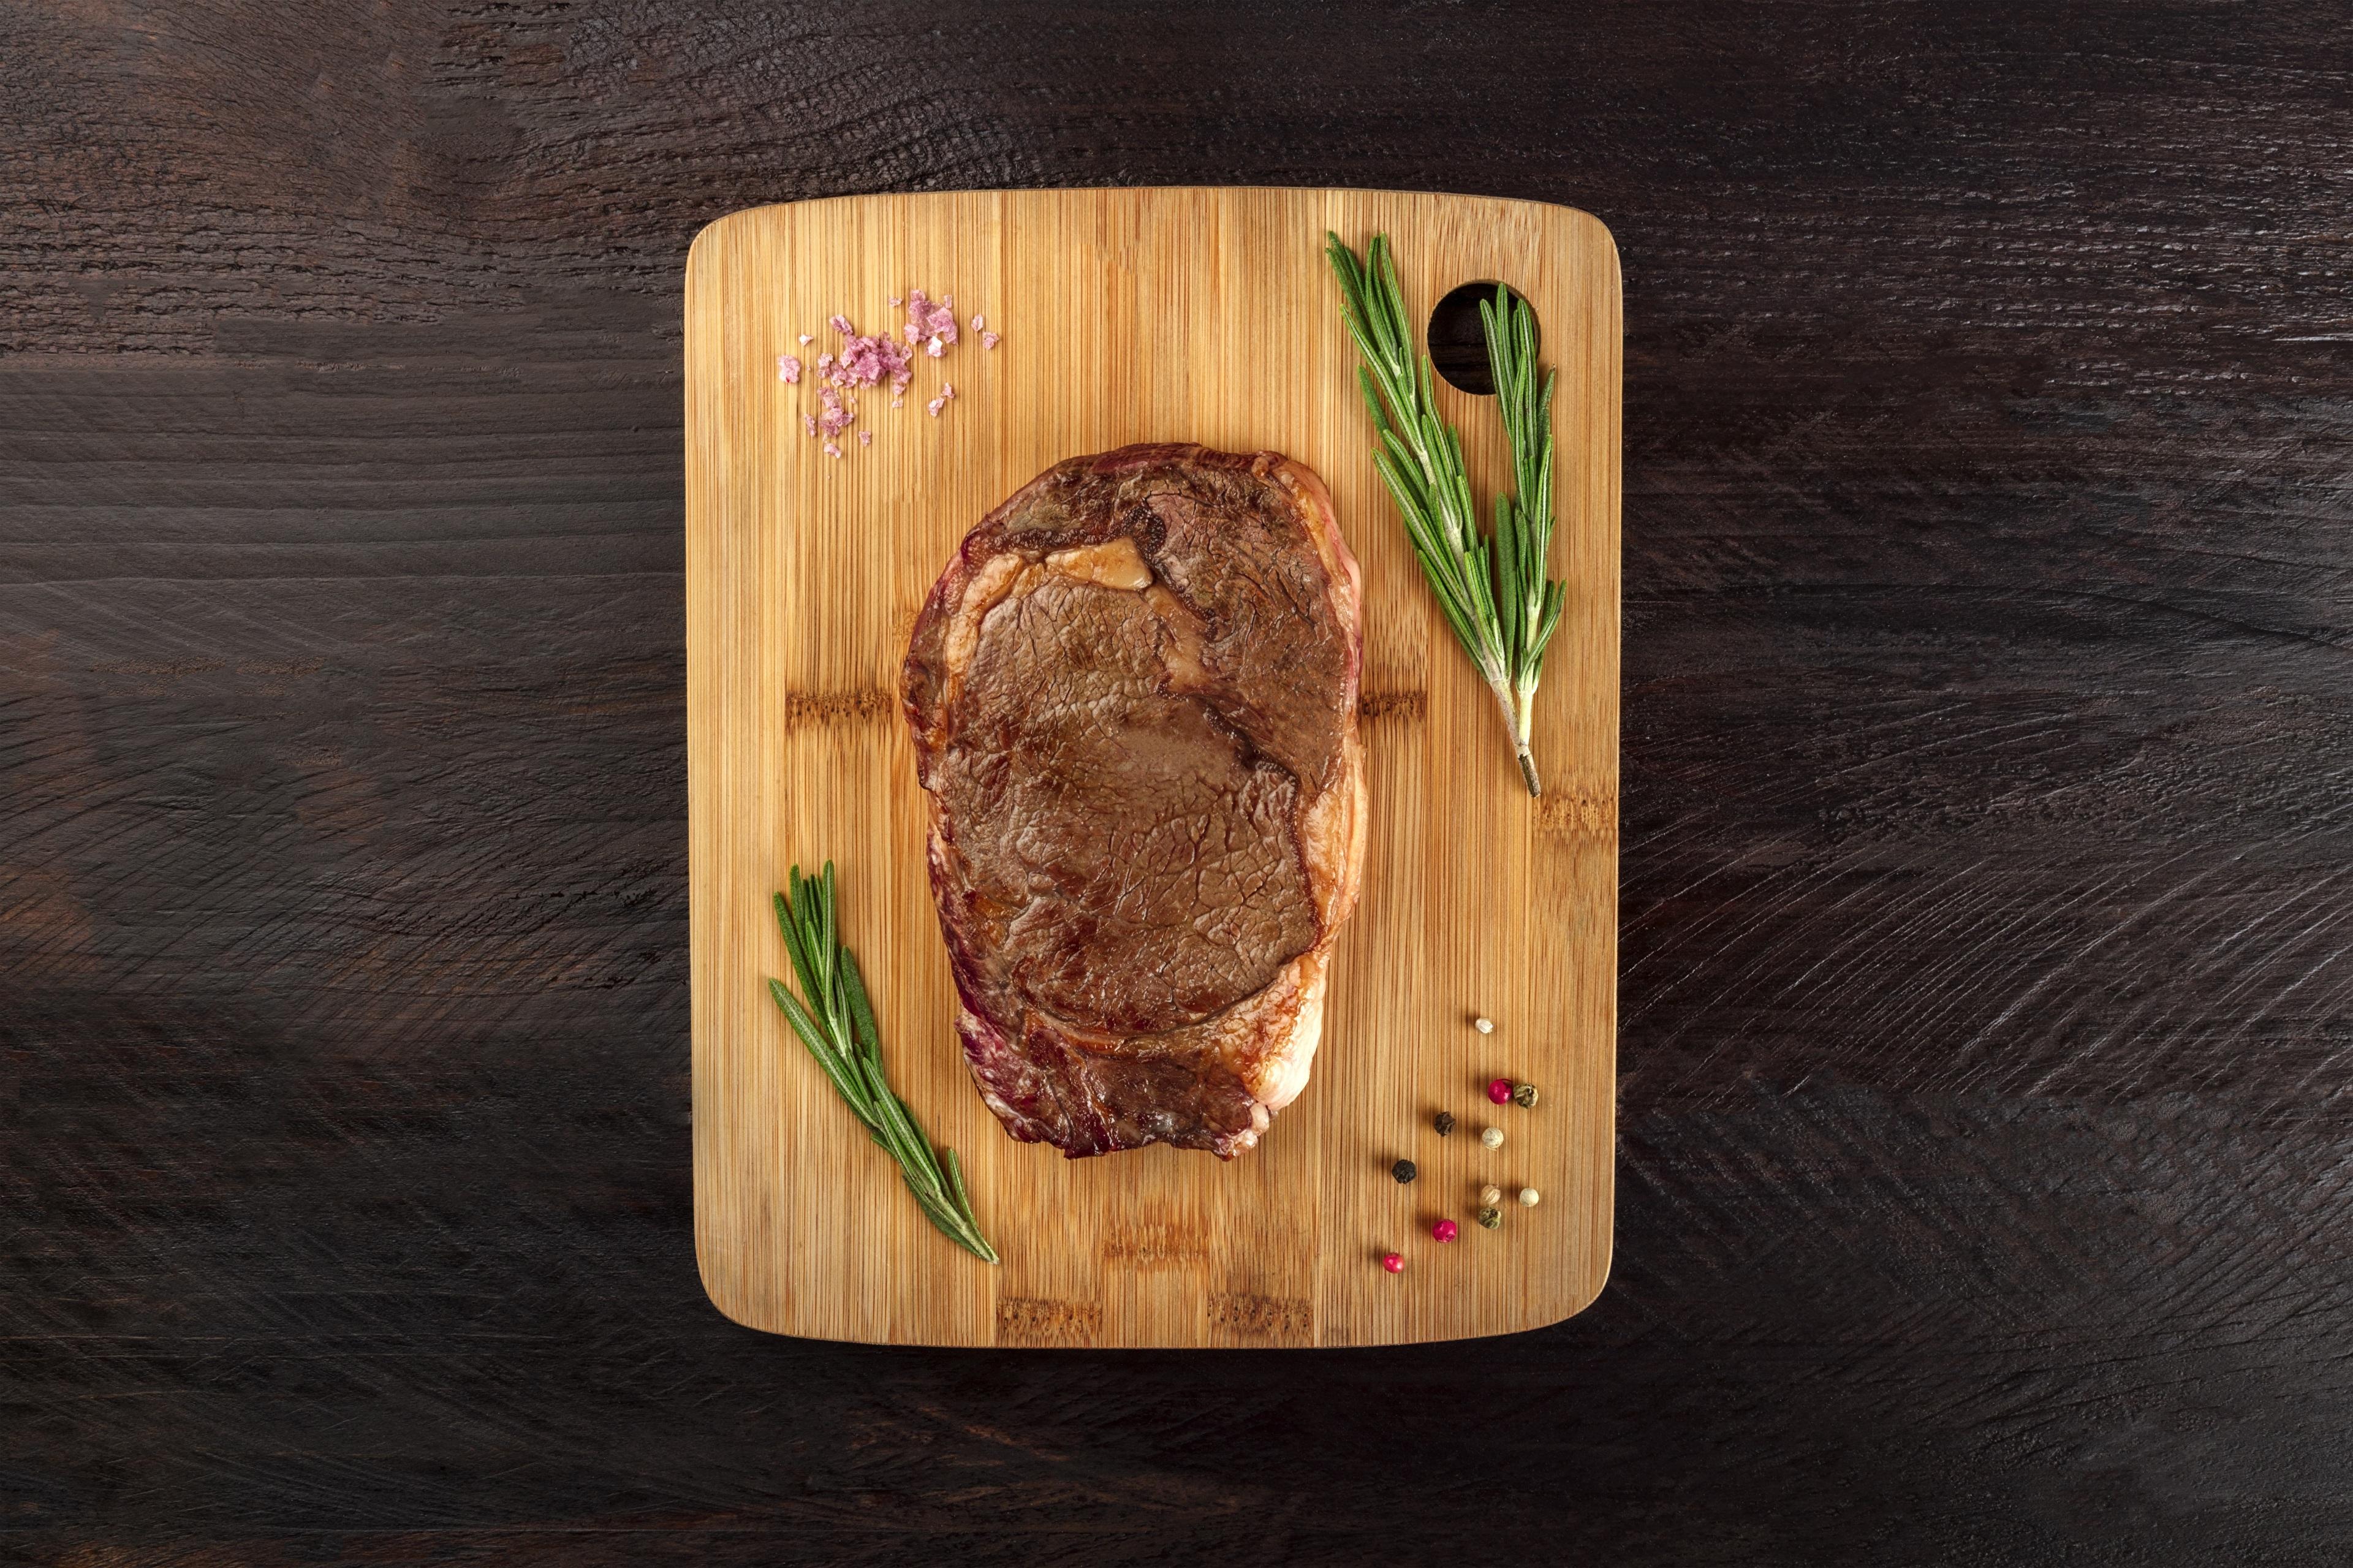 Fotos von rosemary das Essen Schneidebrett Fleischwaren Lebensmittel